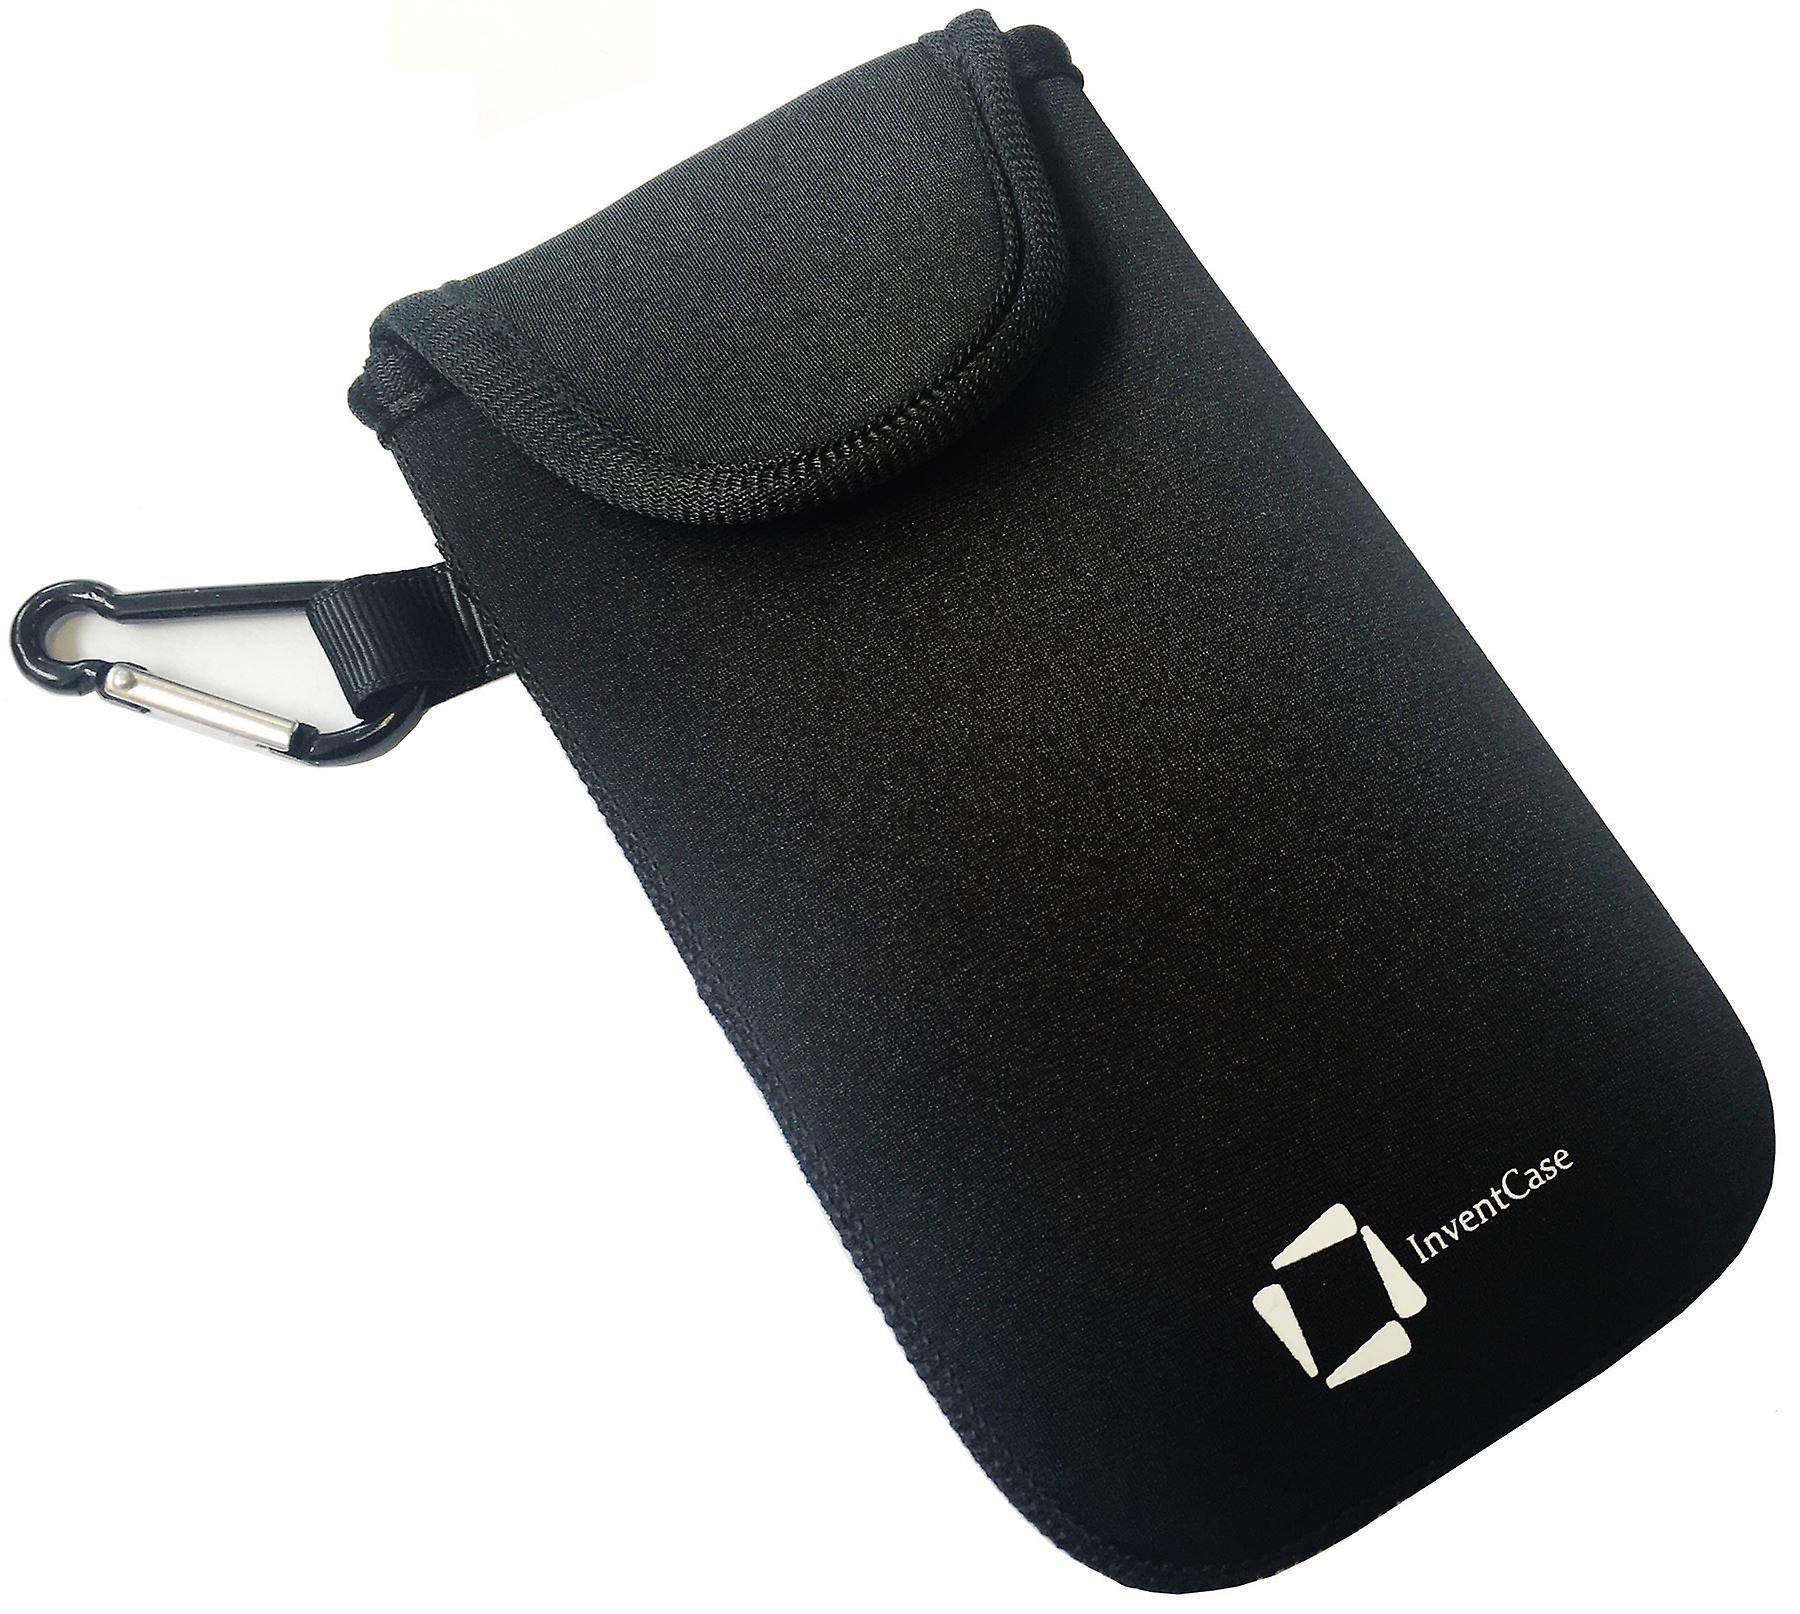 حقيبة تغطية القضية الحقيبة واقية مقاومة لتأثير النيوبرين إينفينتكاسي مع إغلاق Velcro و Carabiner الألومنيوم للروبوت موتورولا مصغرة--الأسود